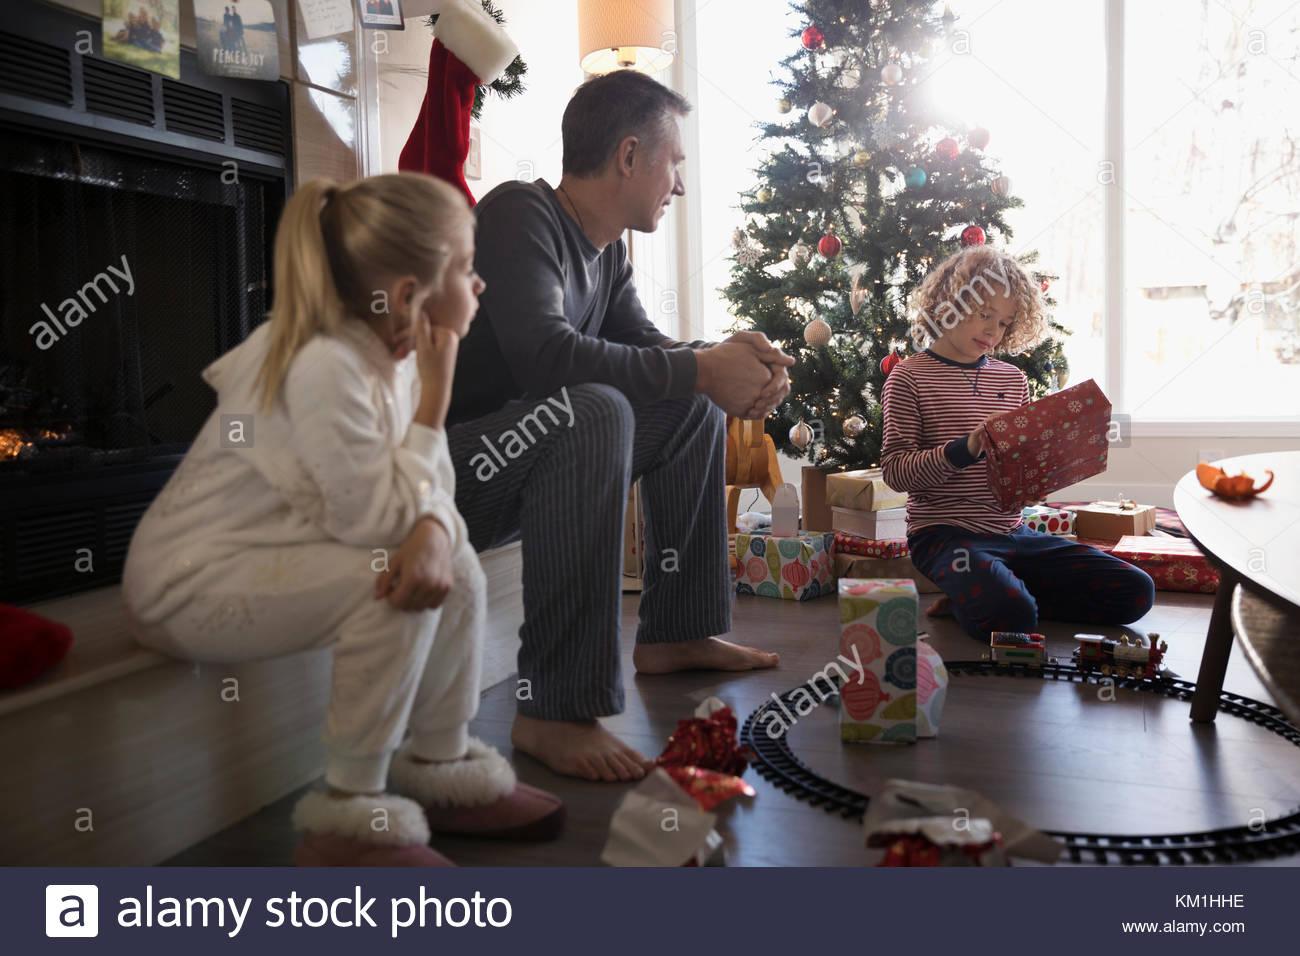 L'ouverture de la famille cadeaux de Noël dans la salle de séjour Photo Stock